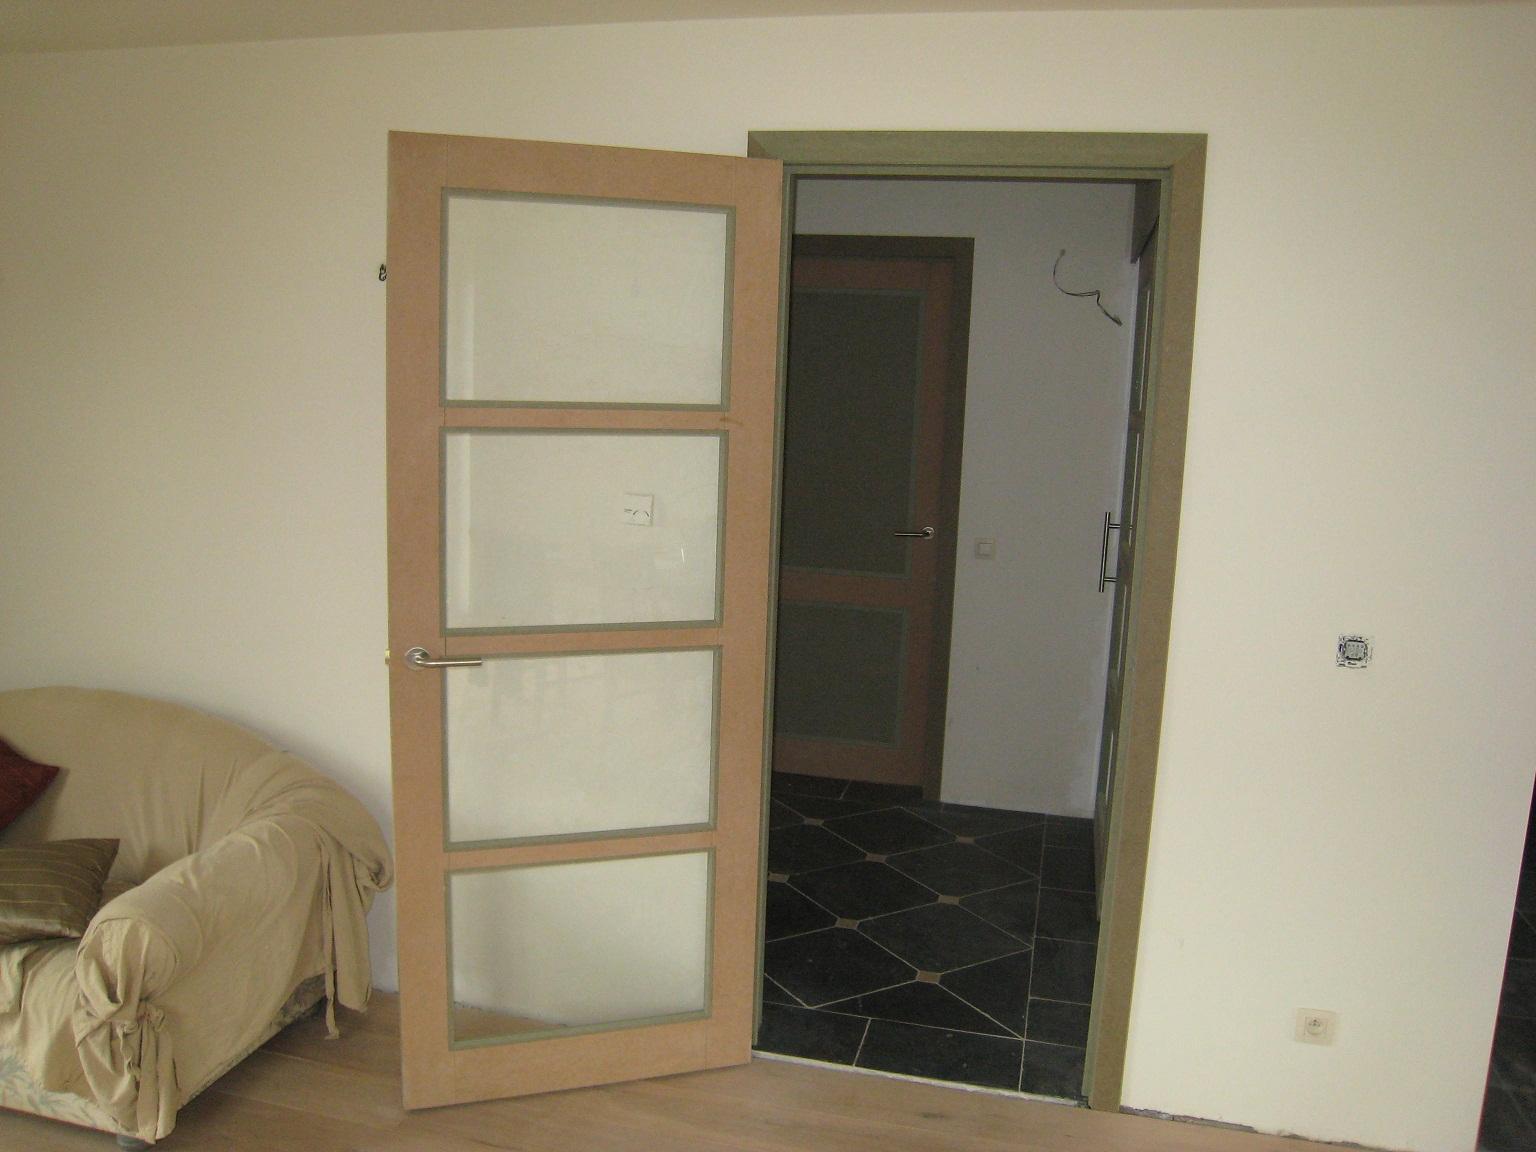 Woonkamer Deur Met Glas : Huize Stapel: Keuken en woonkamer deur met ...